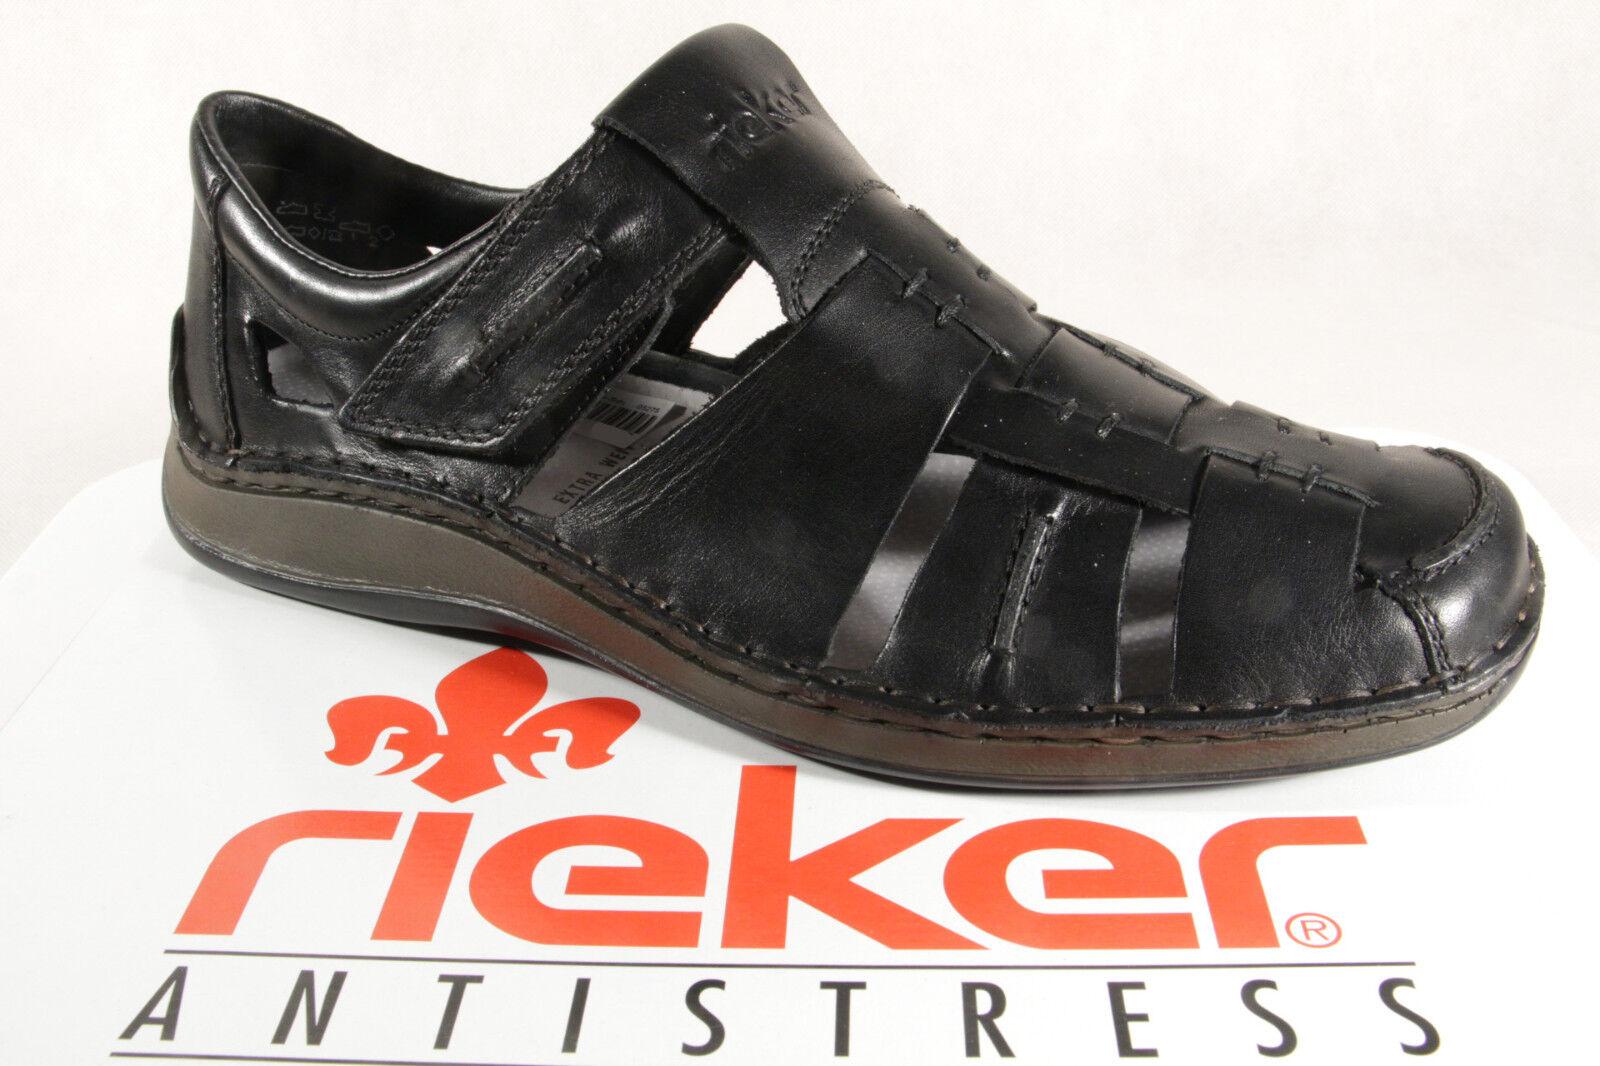 Rieker Herren Slipper Echtleder Sneakers Halbschuhe 05275 schwarz Echtleder Slipper NEU c6feaf